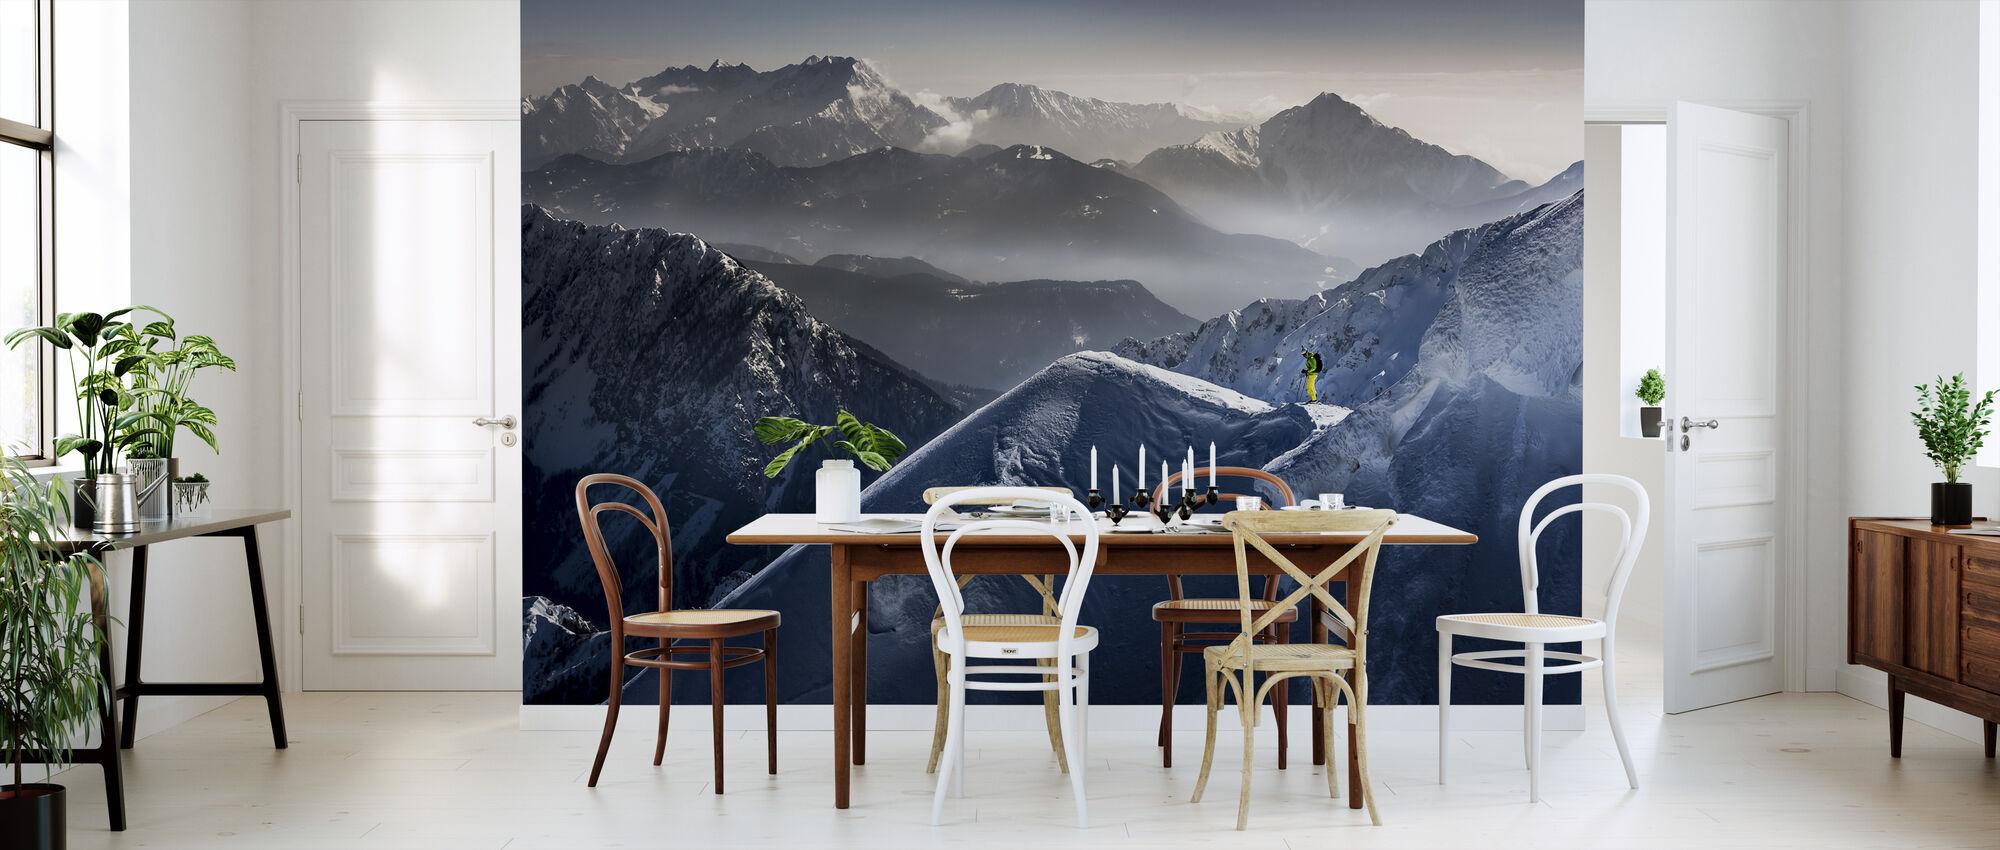 Esquiador en la cima de montaña - Papel pintado - Cocina